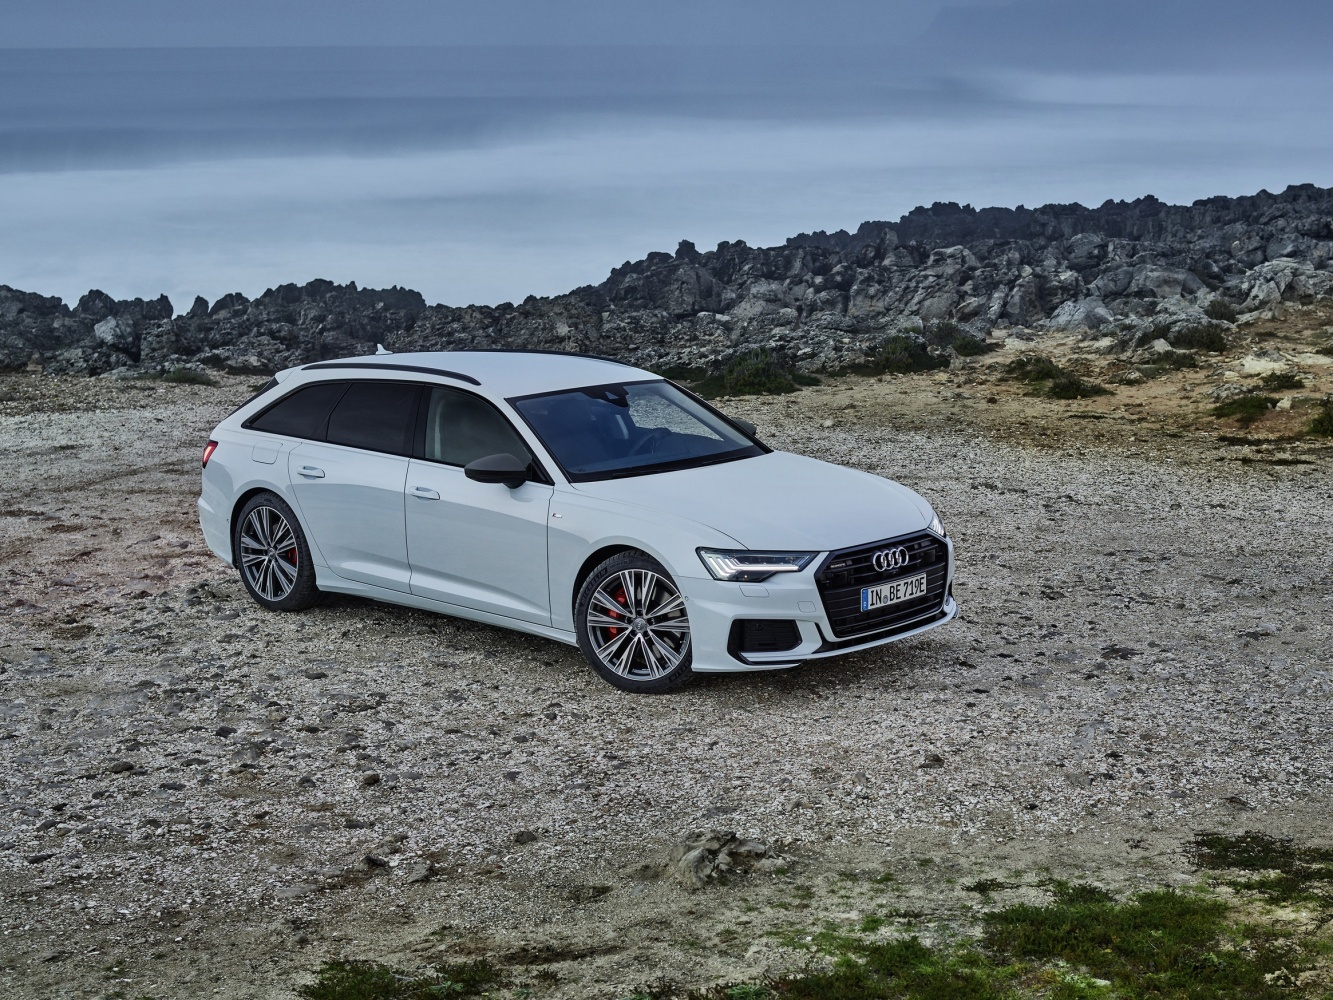 Na novou plug-in hybridní verzi Audi A6 Avant 55 TFSI e quattro stačí dva miliony korun